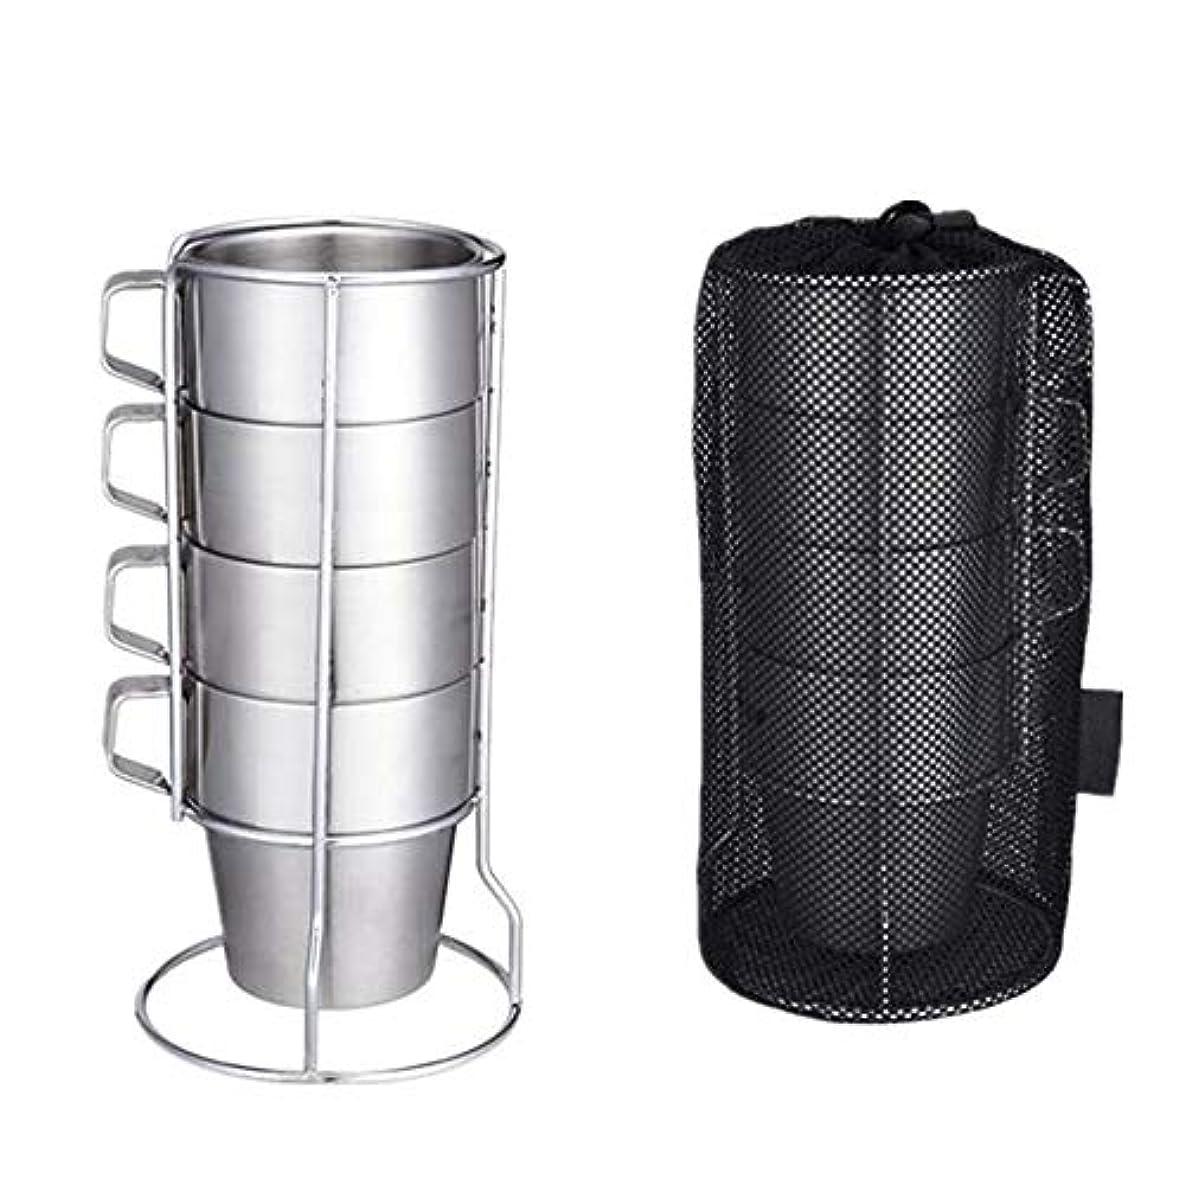 民間人うがいテラス真空断熱 タンブラー ステンレス おしゃれ コーヒー マグ カップ 300ml 4個セット とって付き アウトドア 持ち運び 携帯 コップ